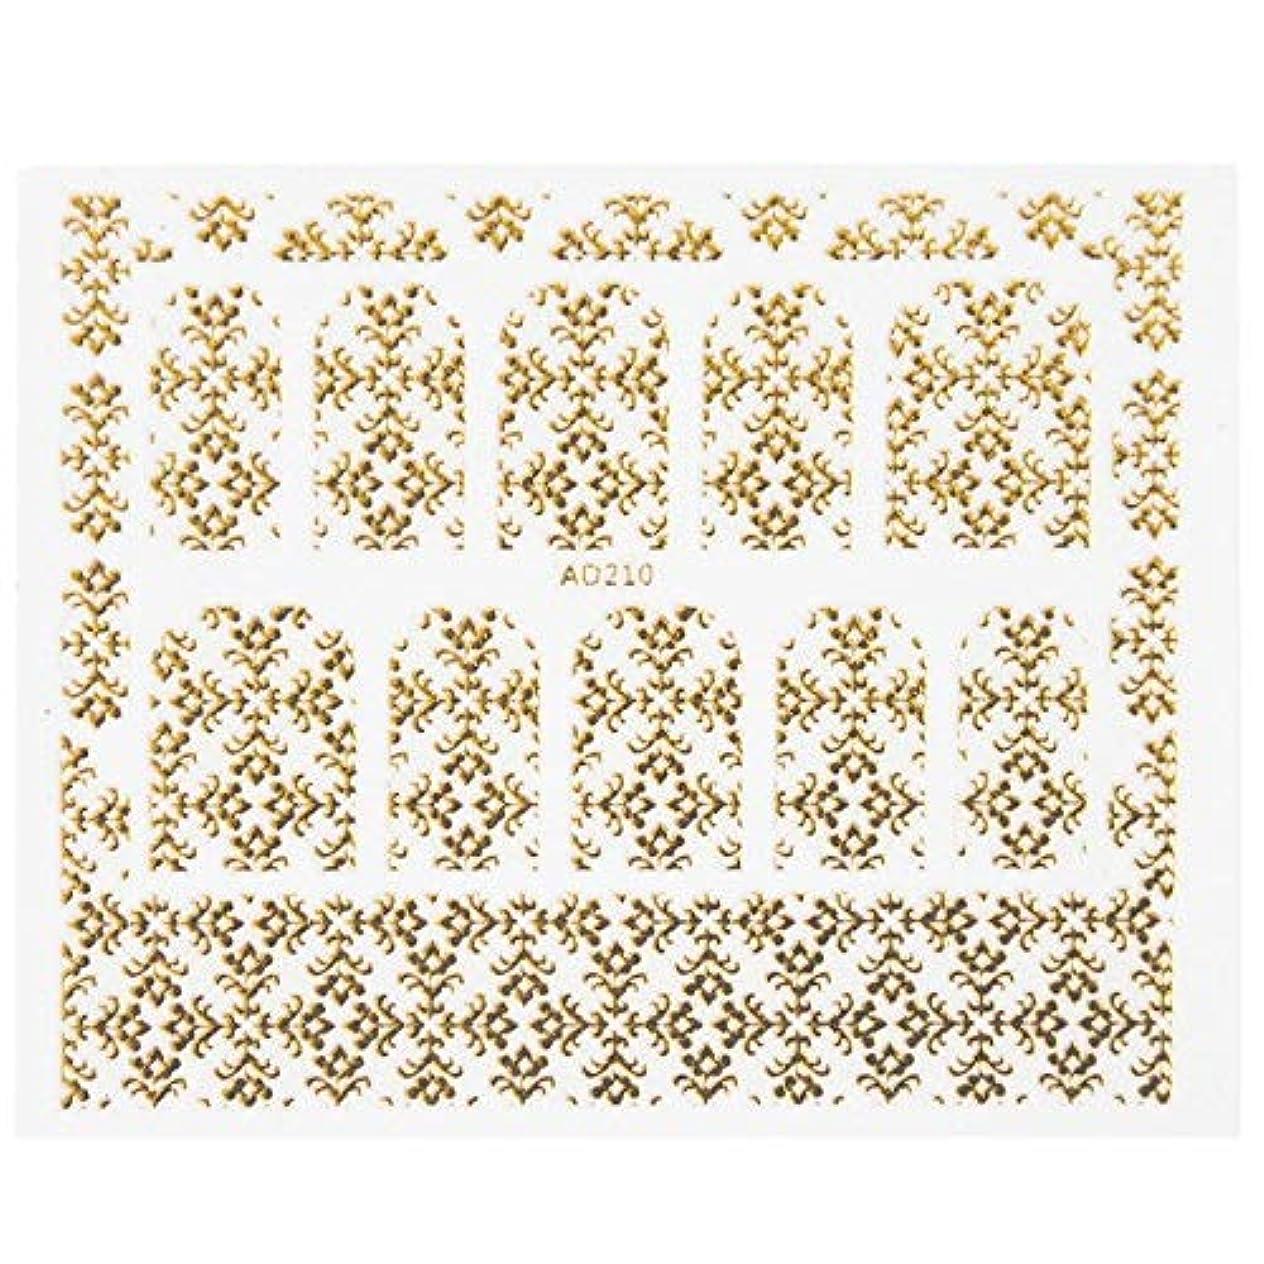 染色ヒップ消費するSUKTI&XIAO ネイルステッカー ネイルステッカーブロンズステッカーシリーズ3D接着効果ゴールドシャイニーパターン